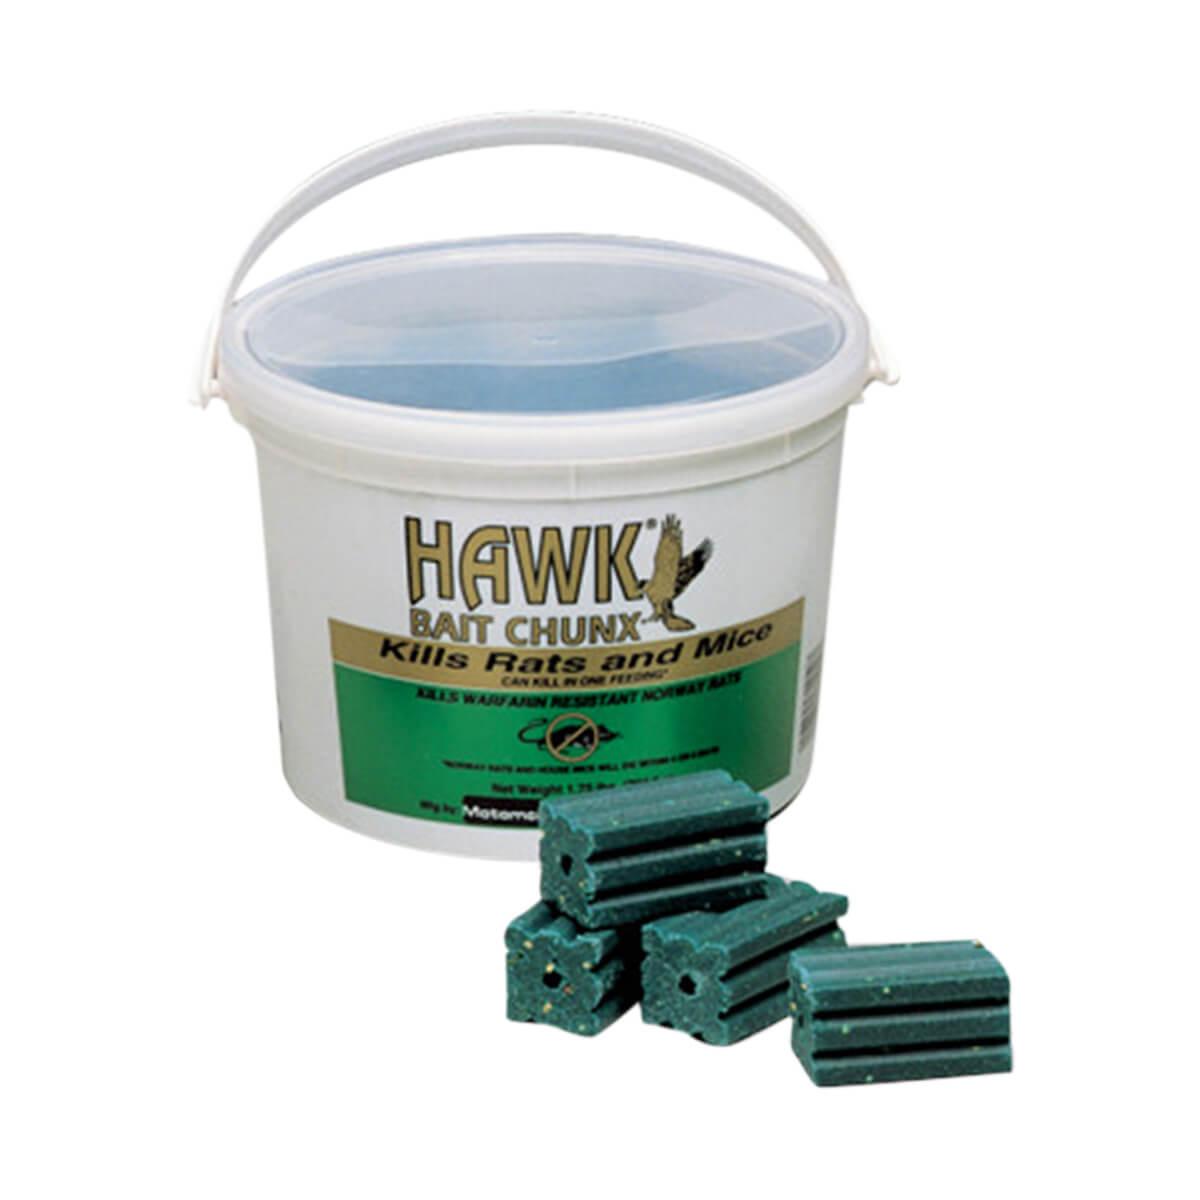 Hawk Bait Chunx - 10 ounce pack